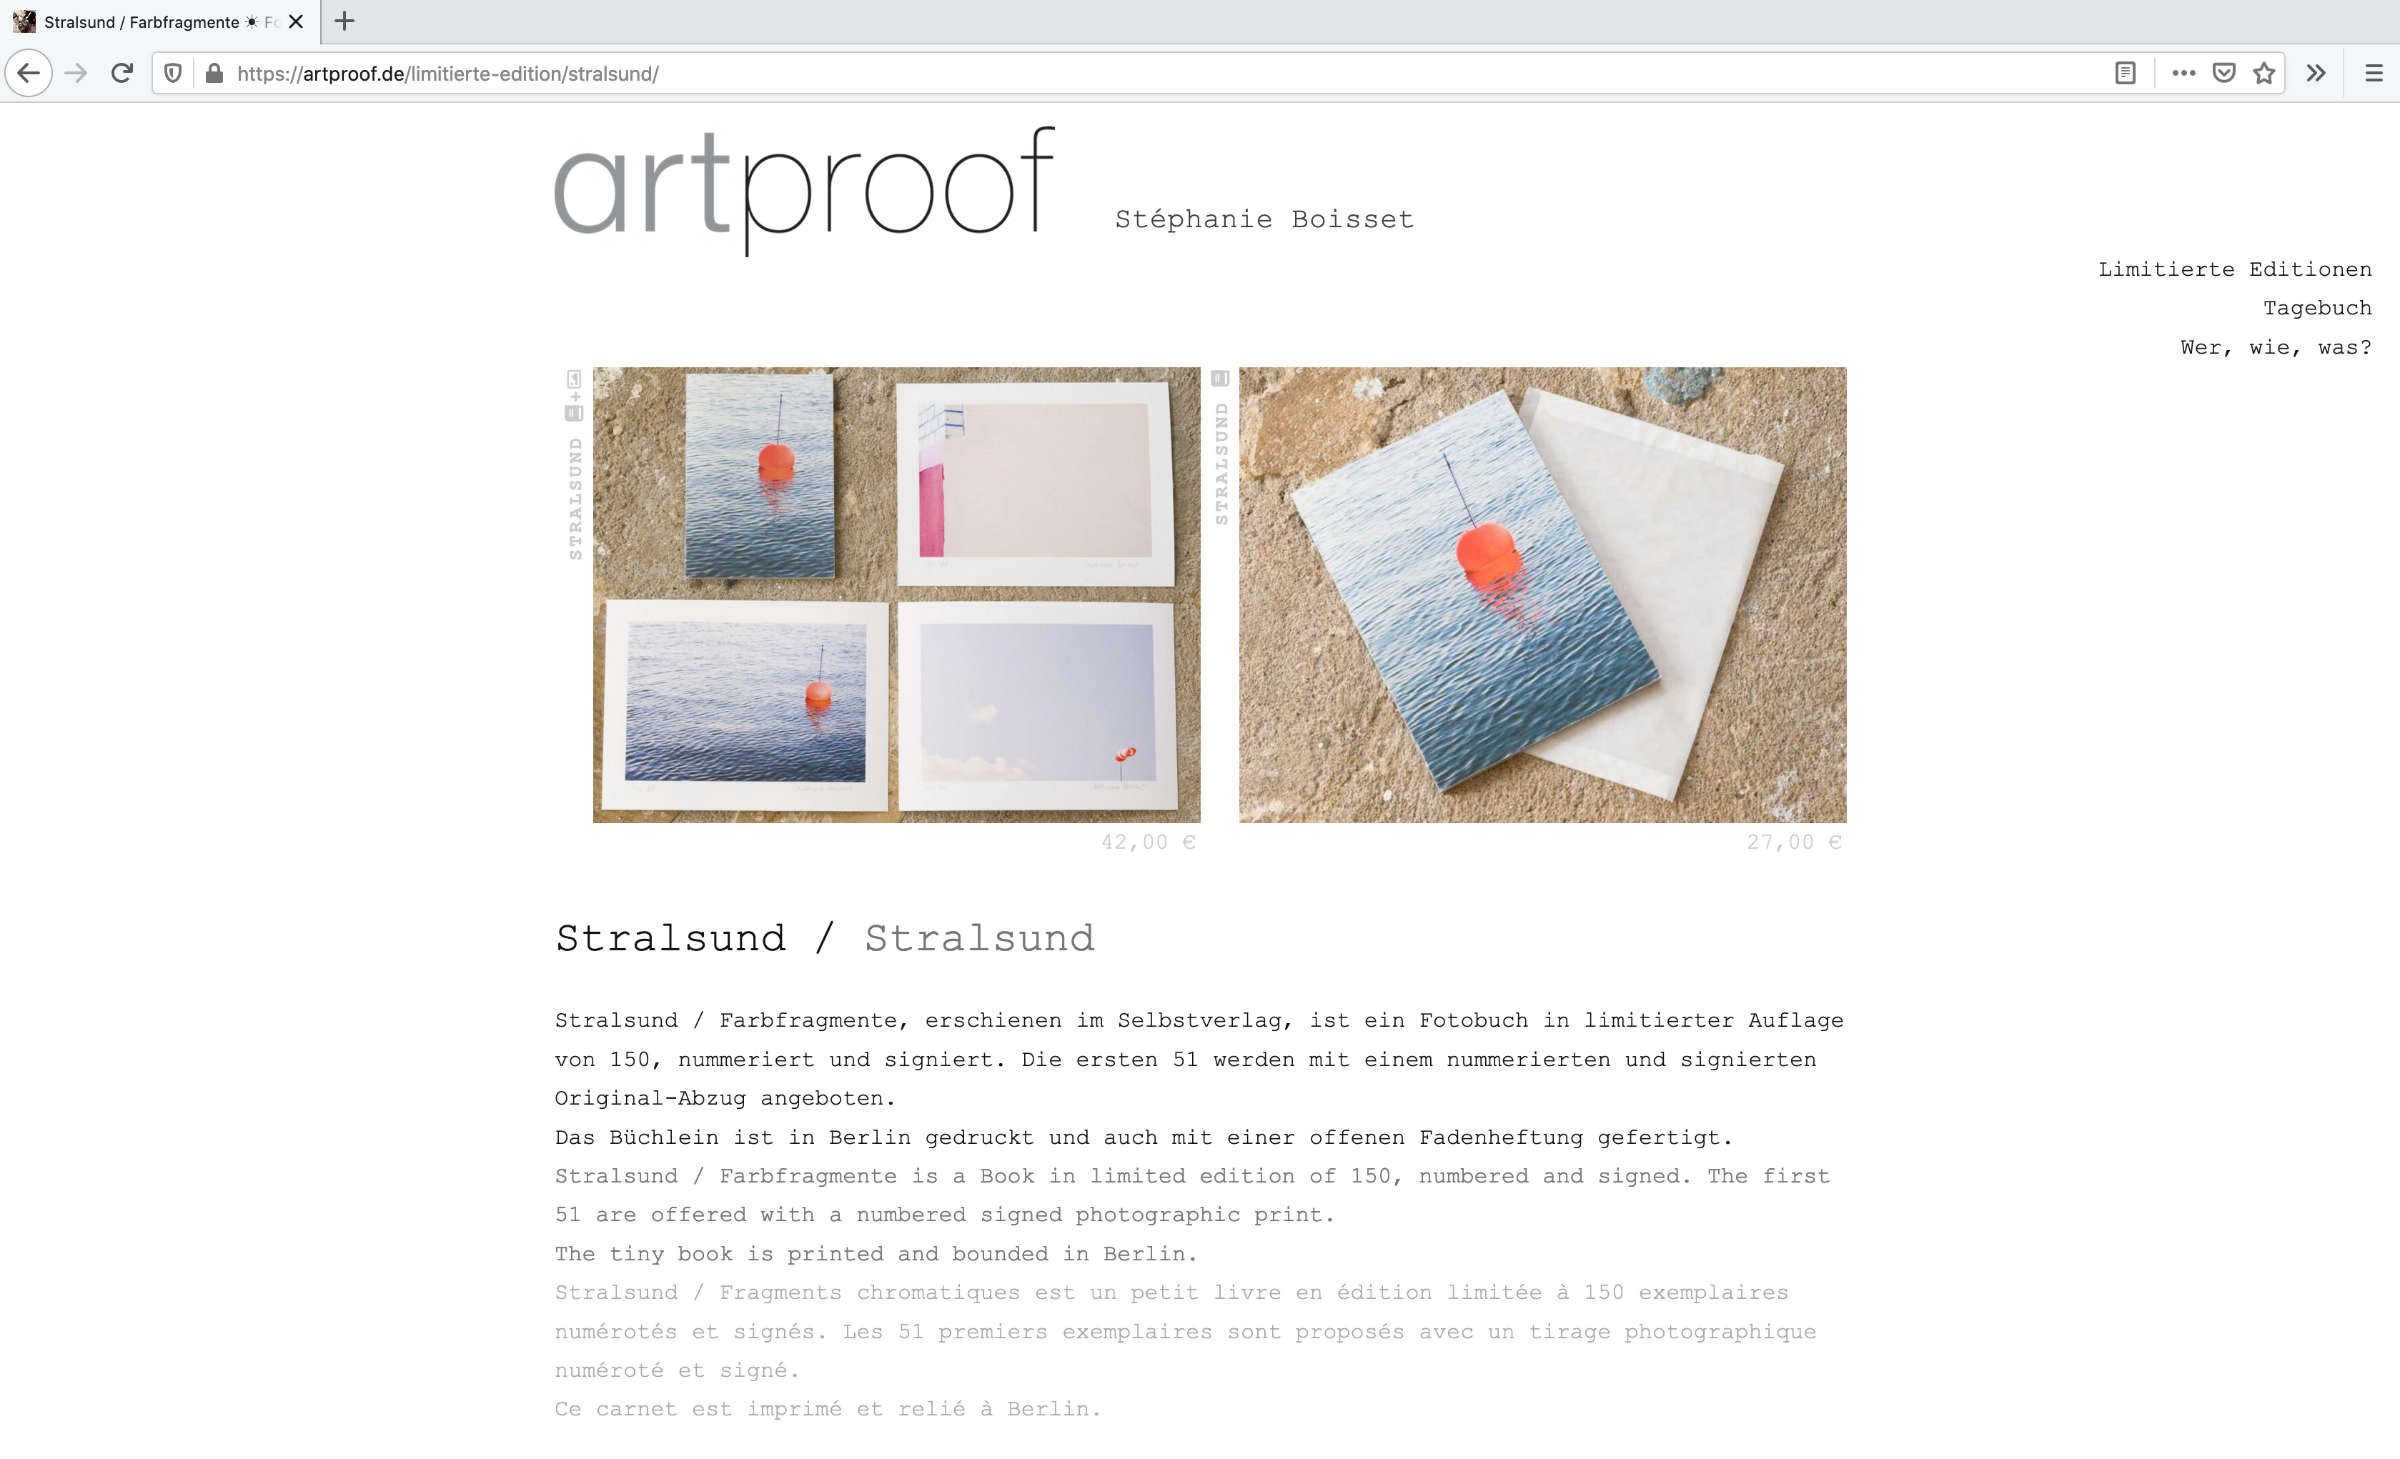 Screenshot von der Seite Stralsund auf artproof.de